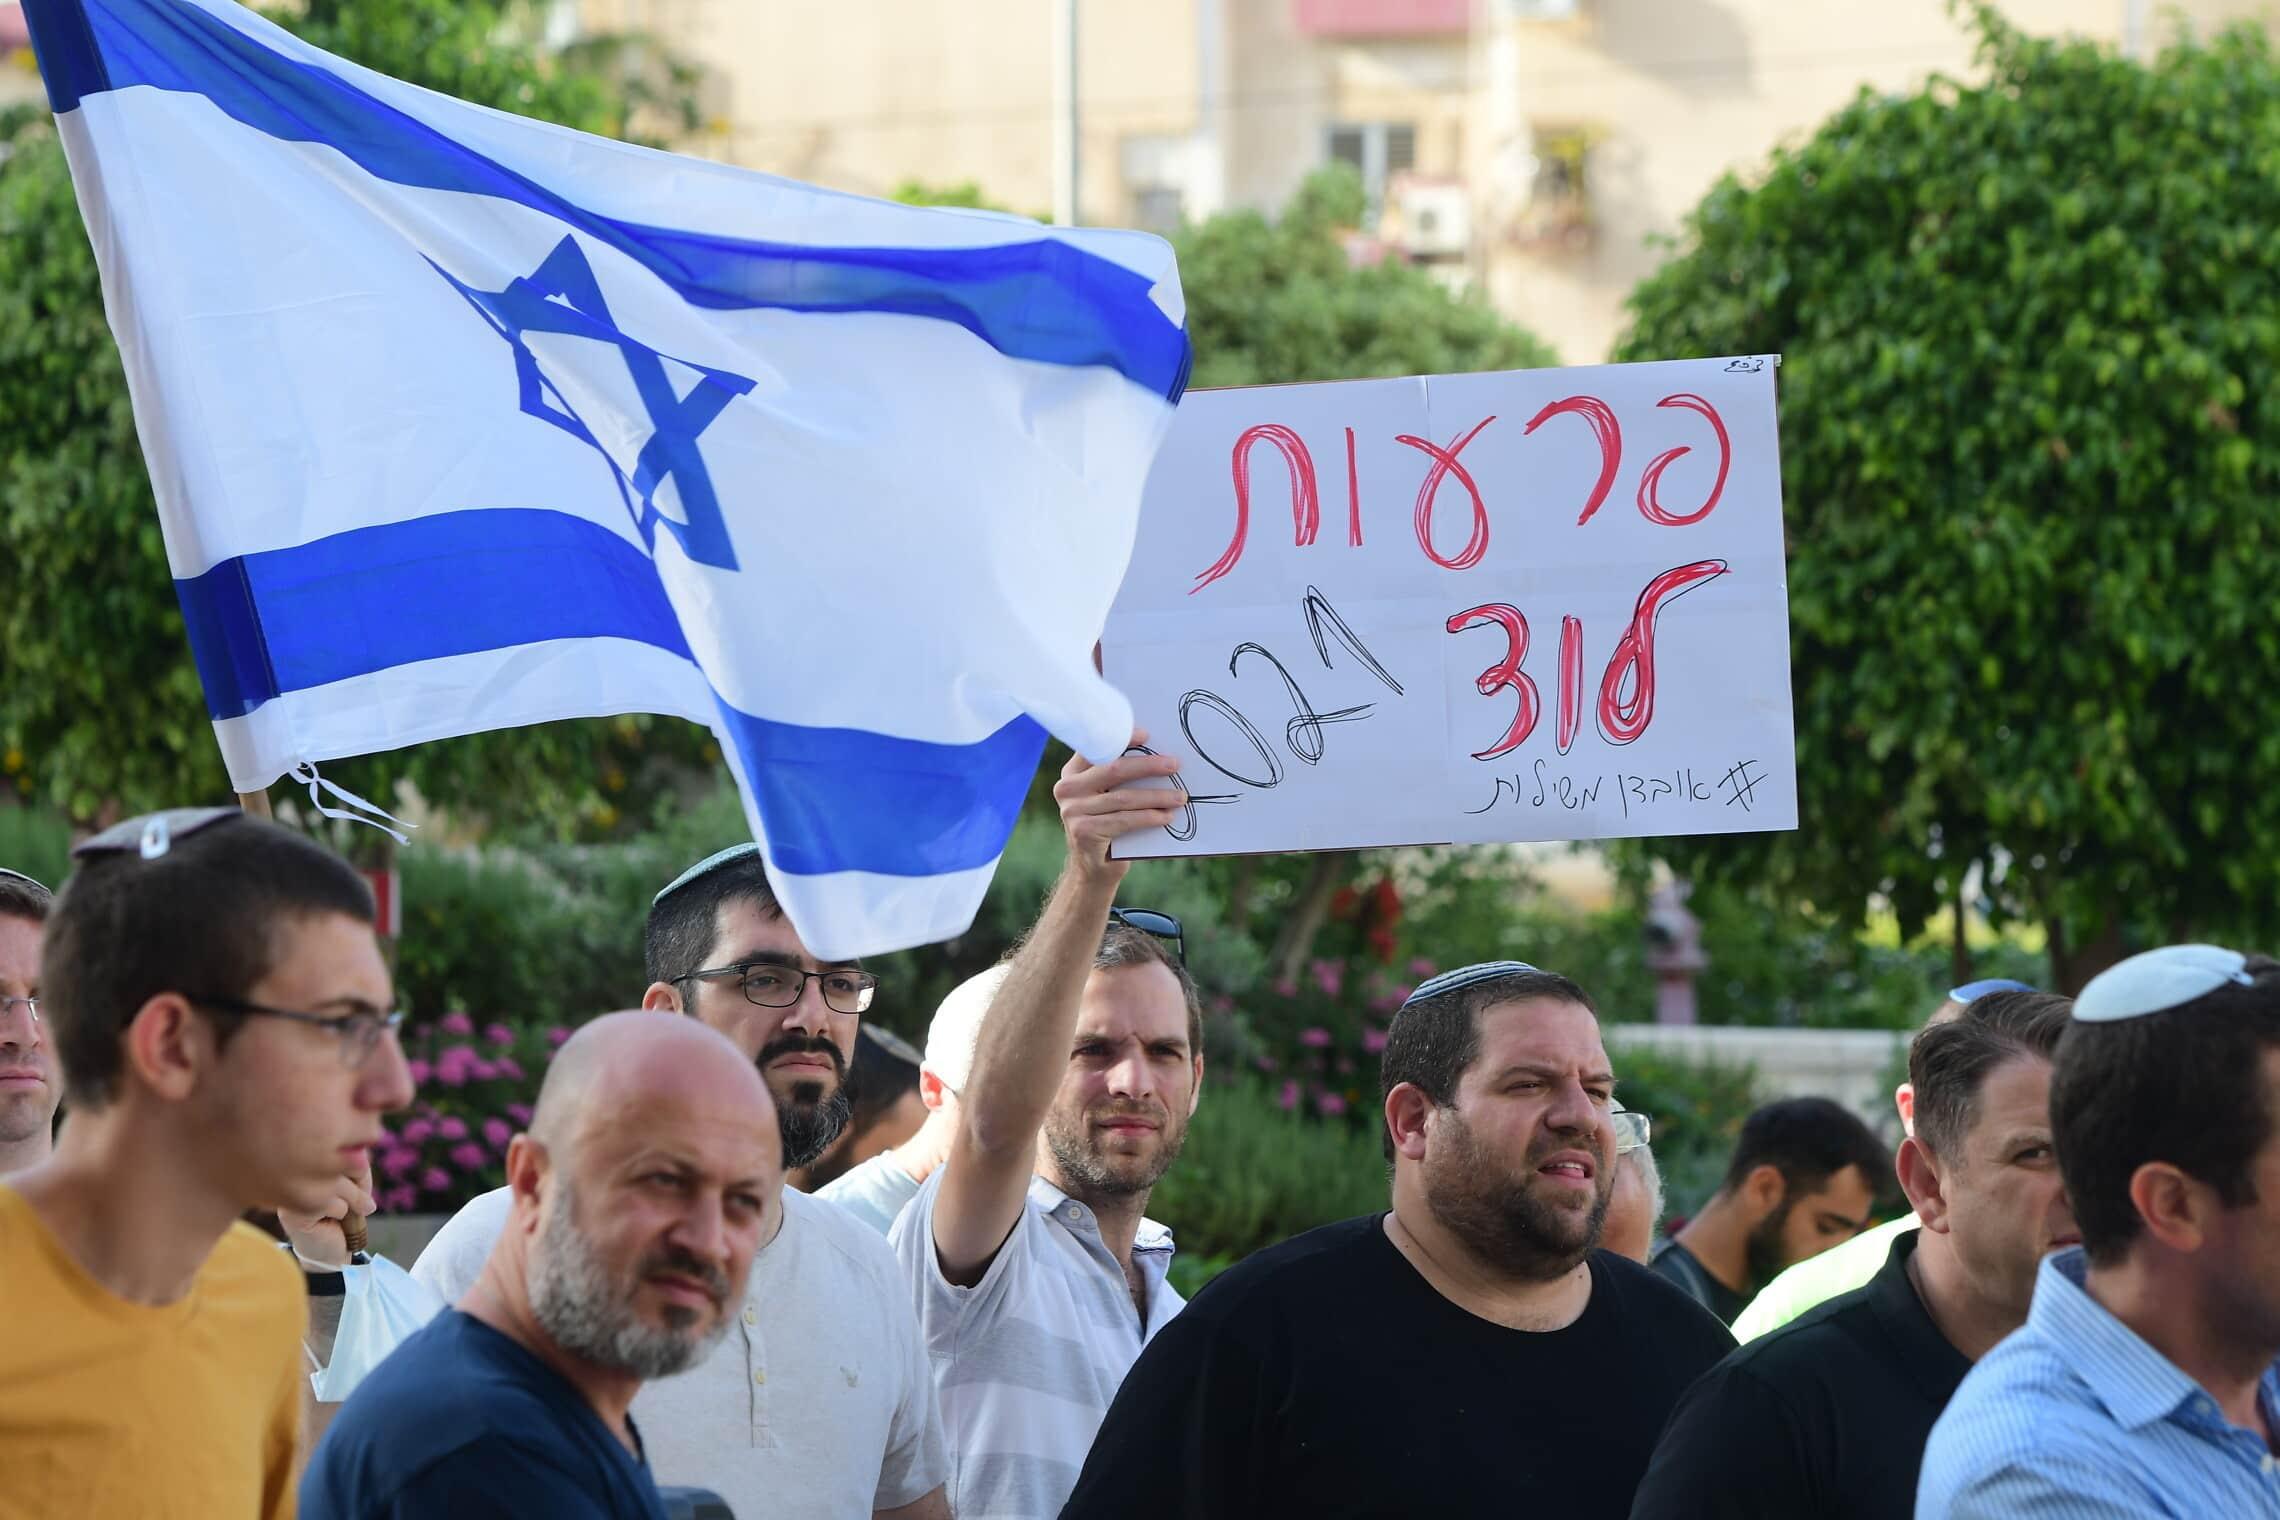 הפגנה של יהודים בלוד, 11 במאי 2021 (צילום: אבשלום ששוני/פלאש90)